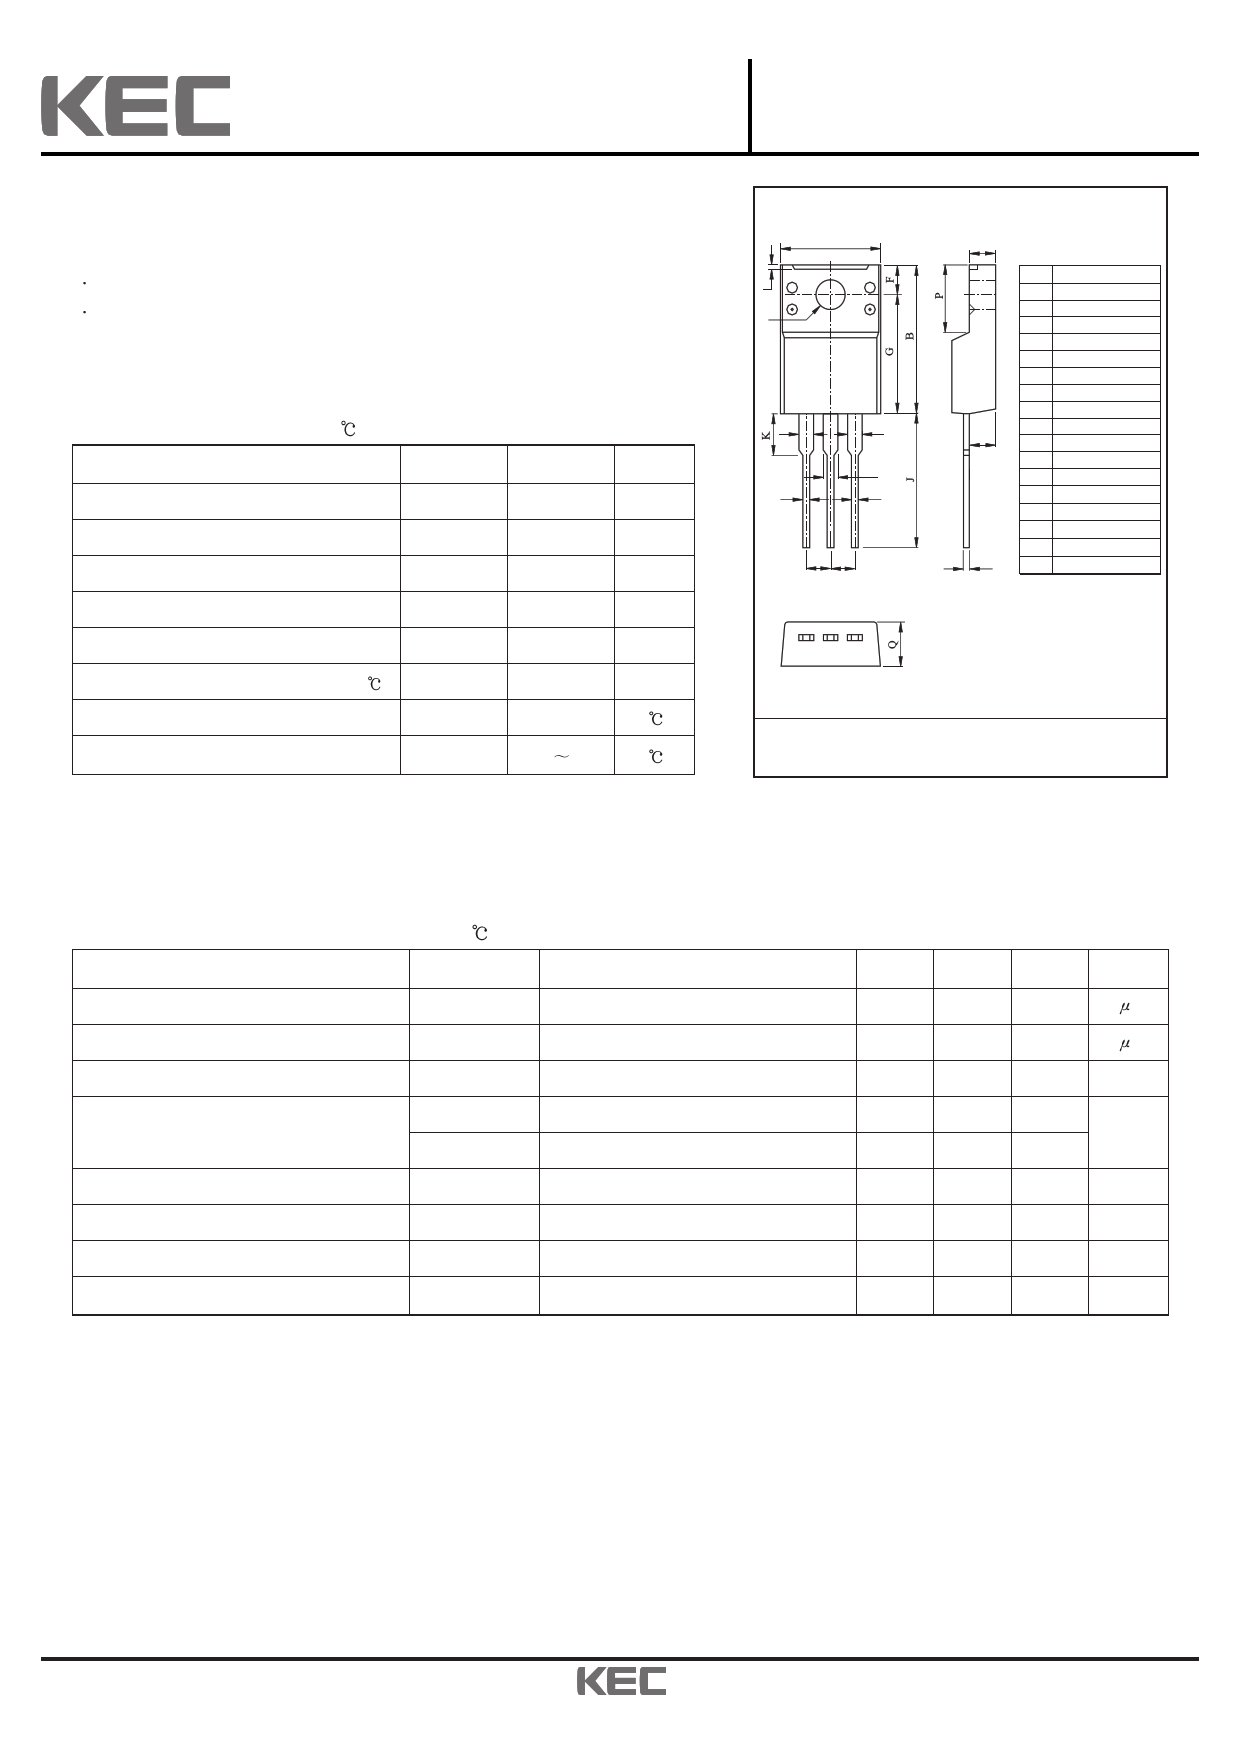 KTA1658 Datasheet, KTA1658 PDF,ピン配置, 機能